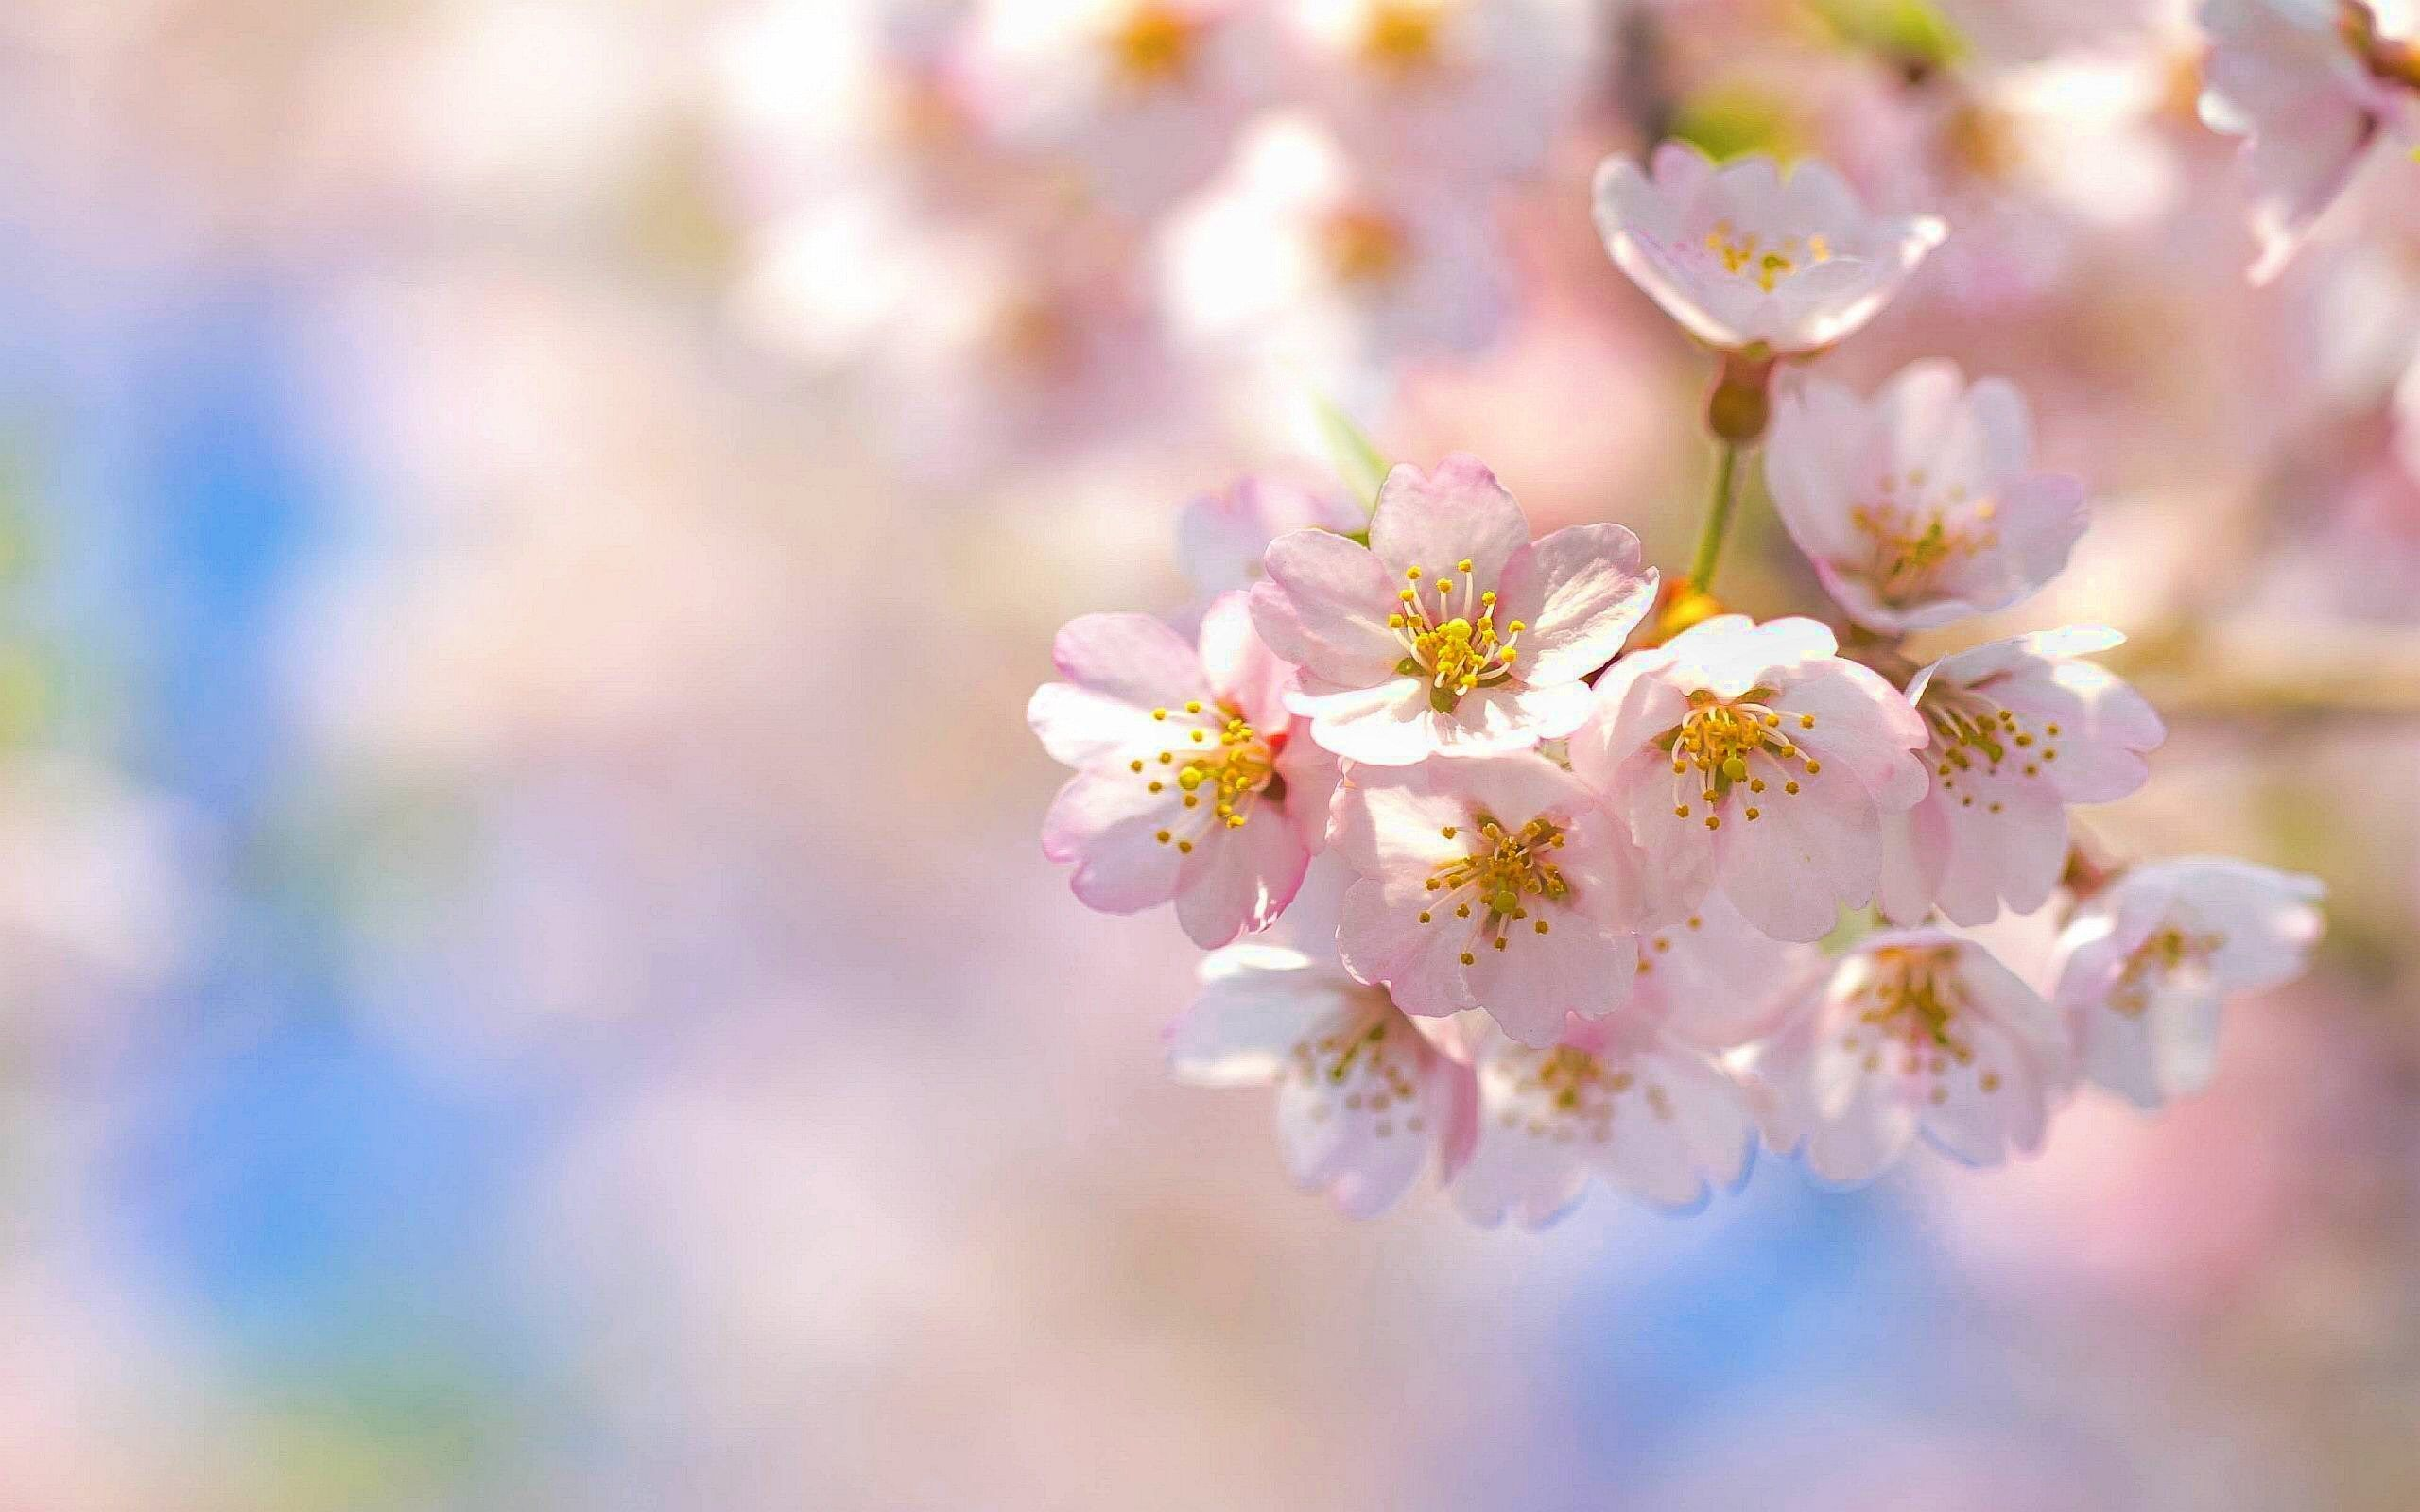 rezultatul imaginii pentru imagini mari cu flori de primavara